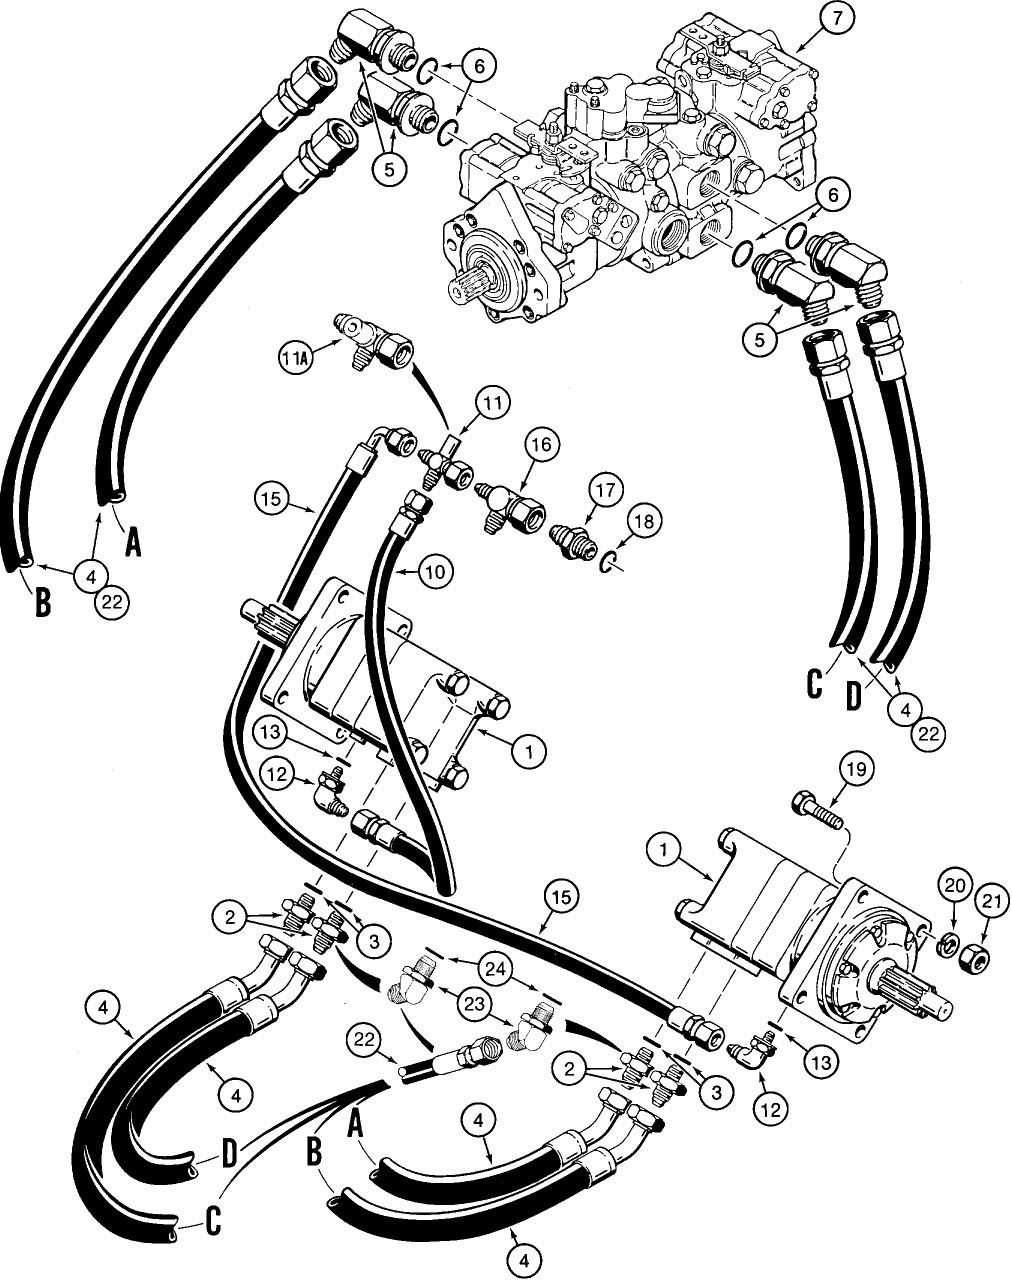 [EX_2129] Case 1840 Skid Steer Hydraulic System Diagram On